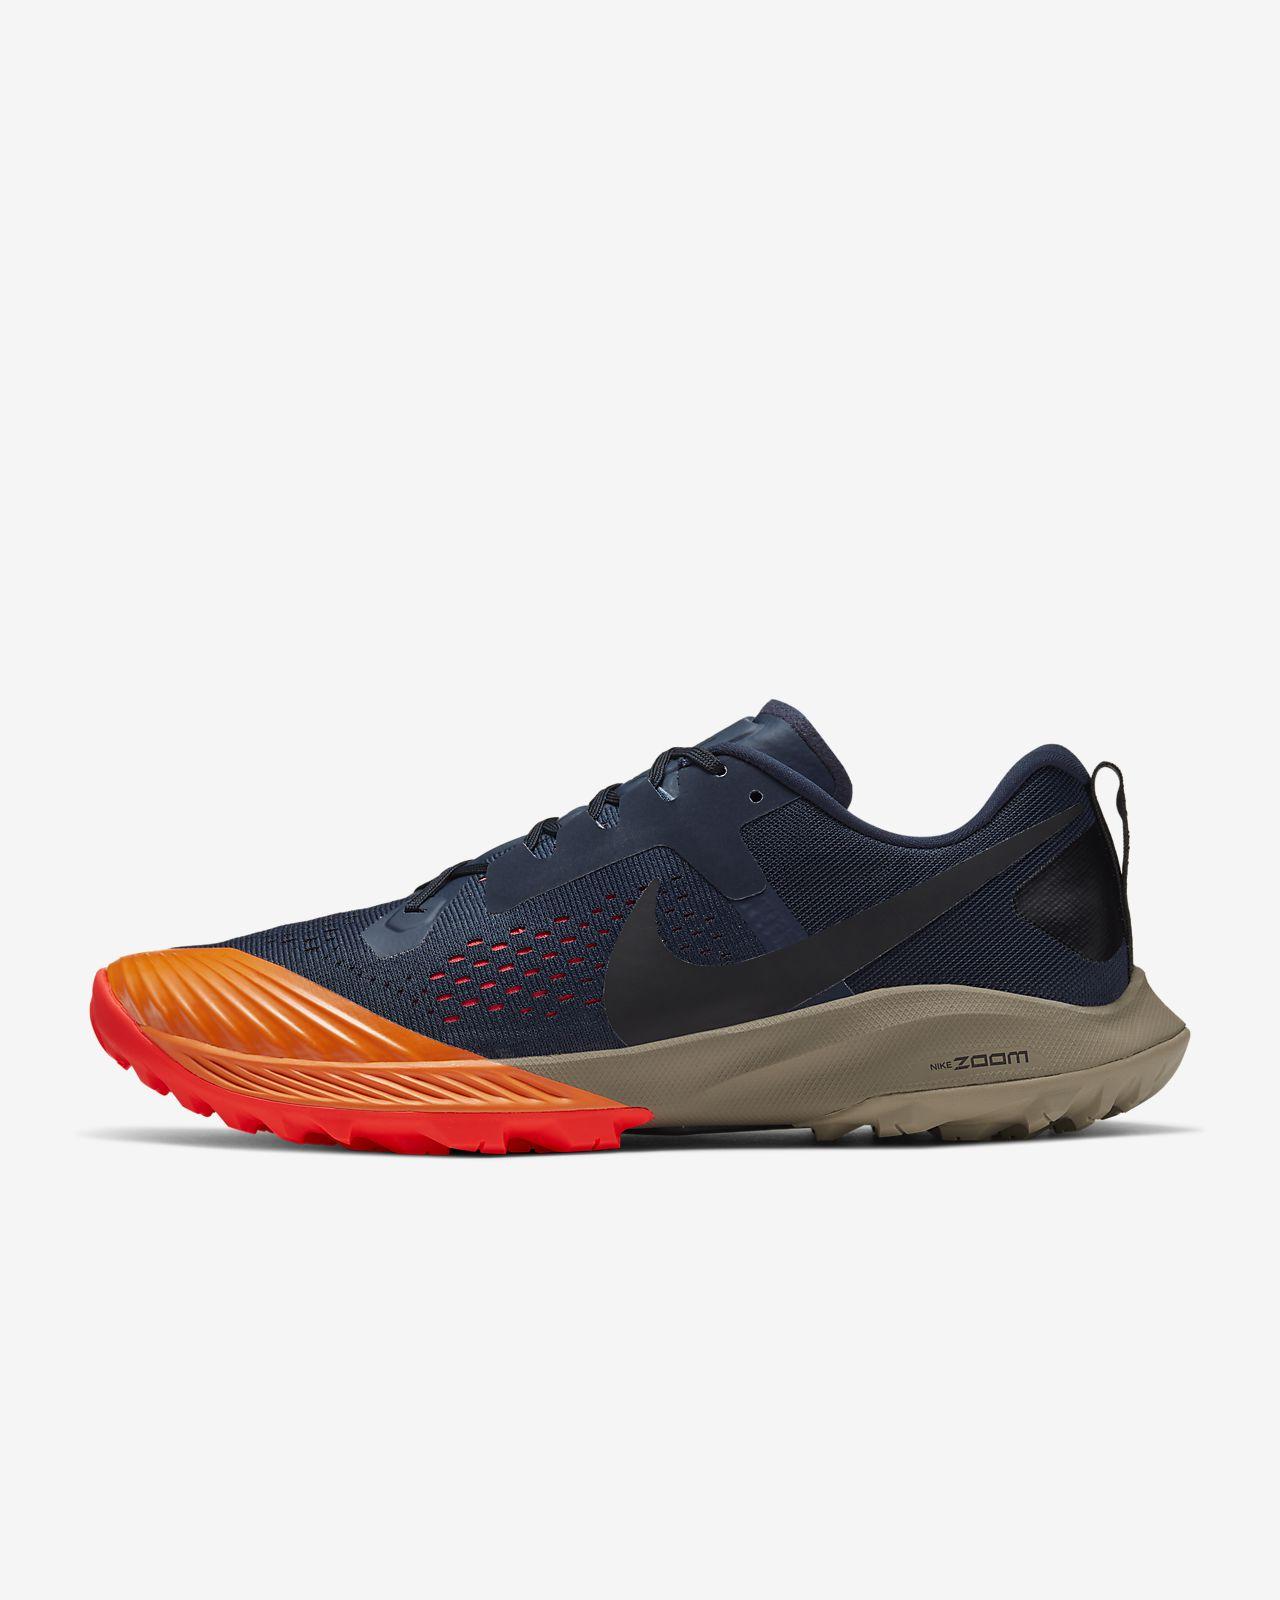 Pánská běžecká trailová bota Nike Air Zoom Terra Kiger 5